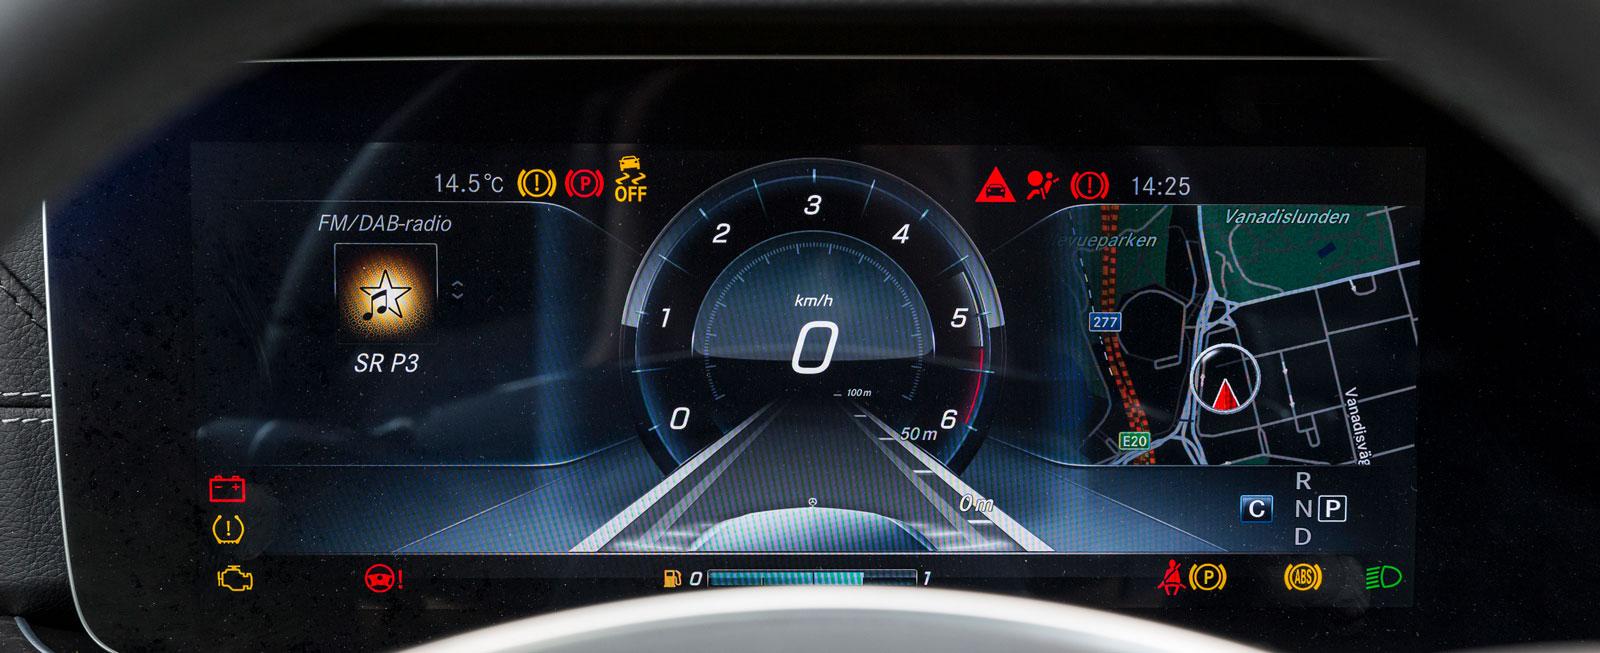 Mercedes instrumentkluster är testets mest spektakulära. En stor mängd olika konfigurationer finns tillgängliga för föraren (om han/hon väljer till värsta infotainmentsystemet Comand Online).